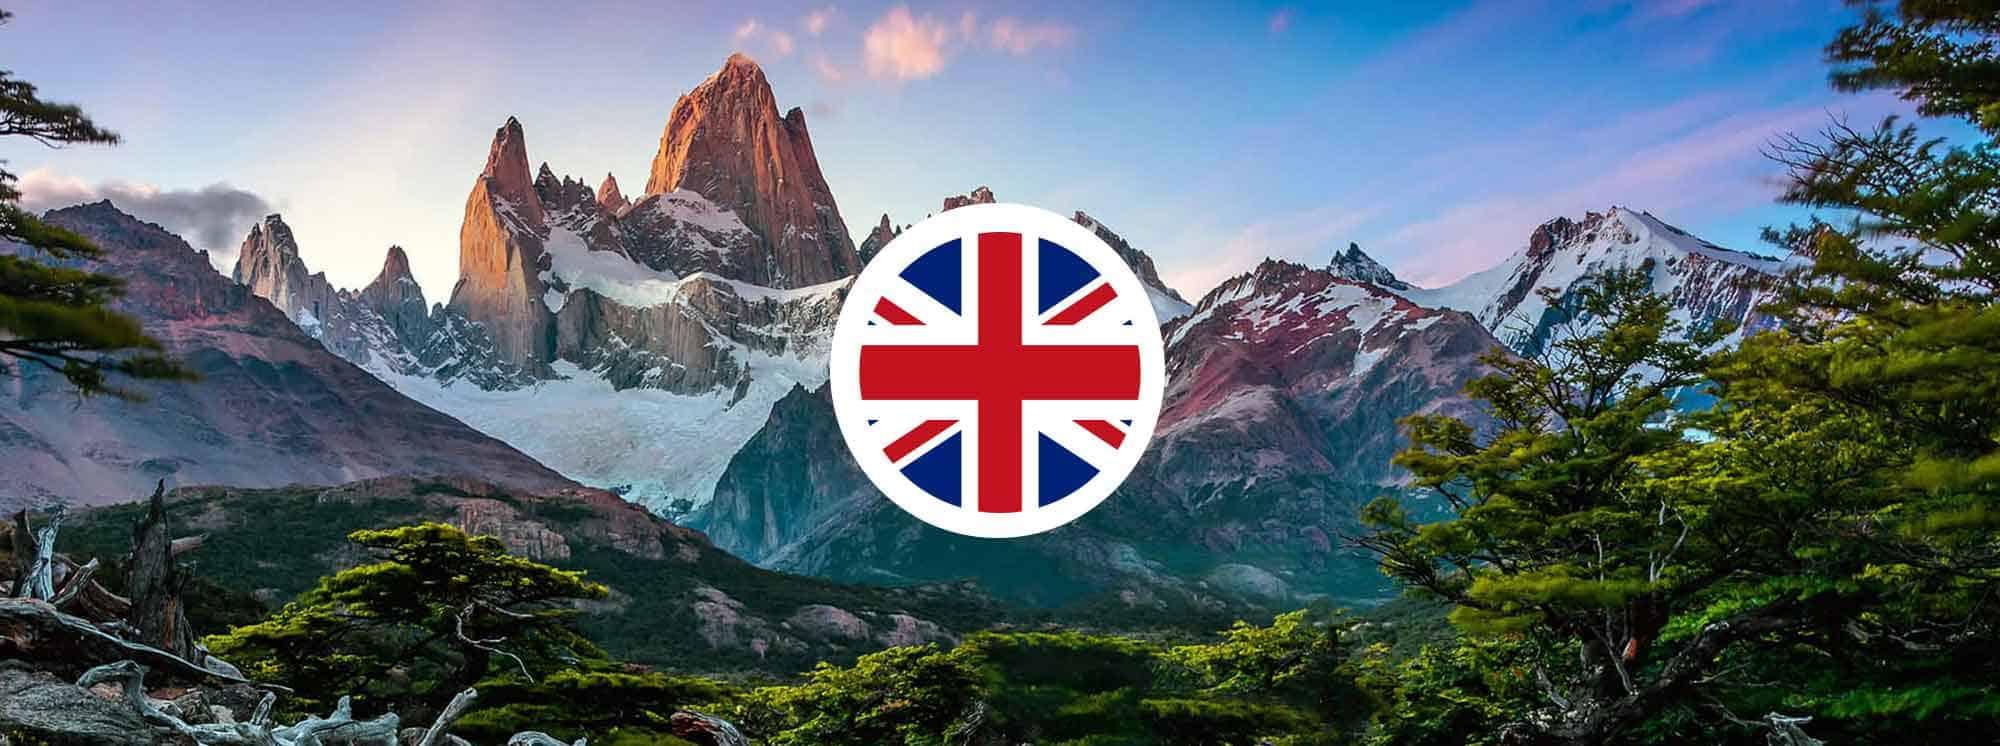 Meilleures écoles britanniques en Argentine